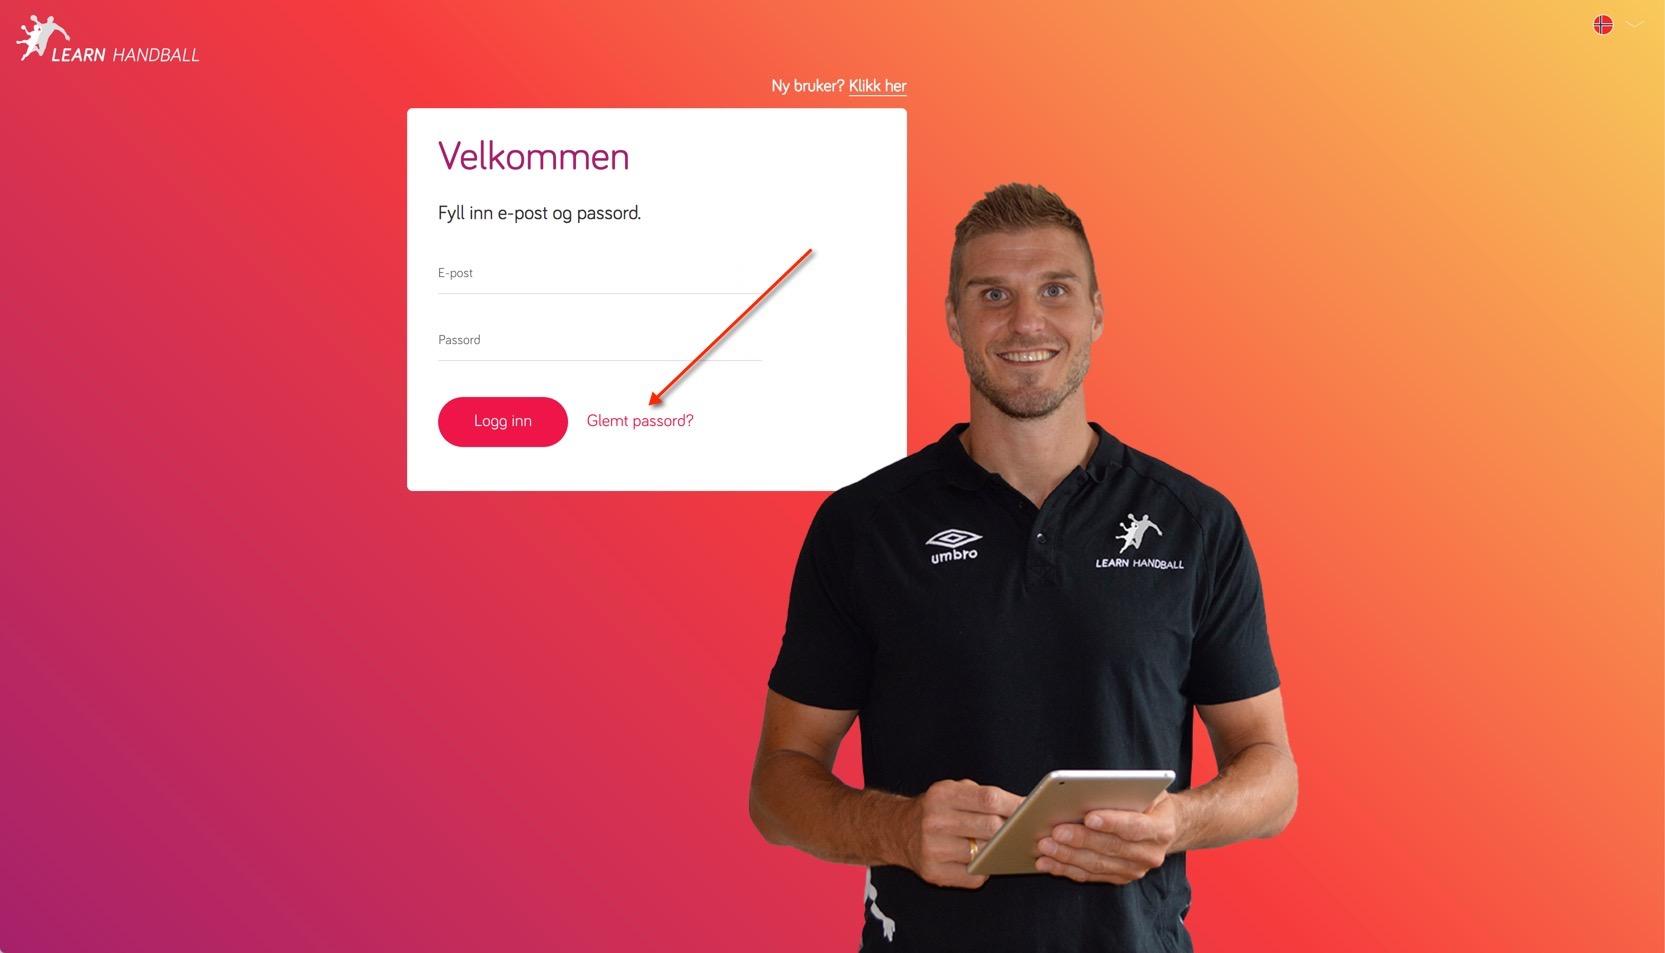 Learn Handball glemt passord